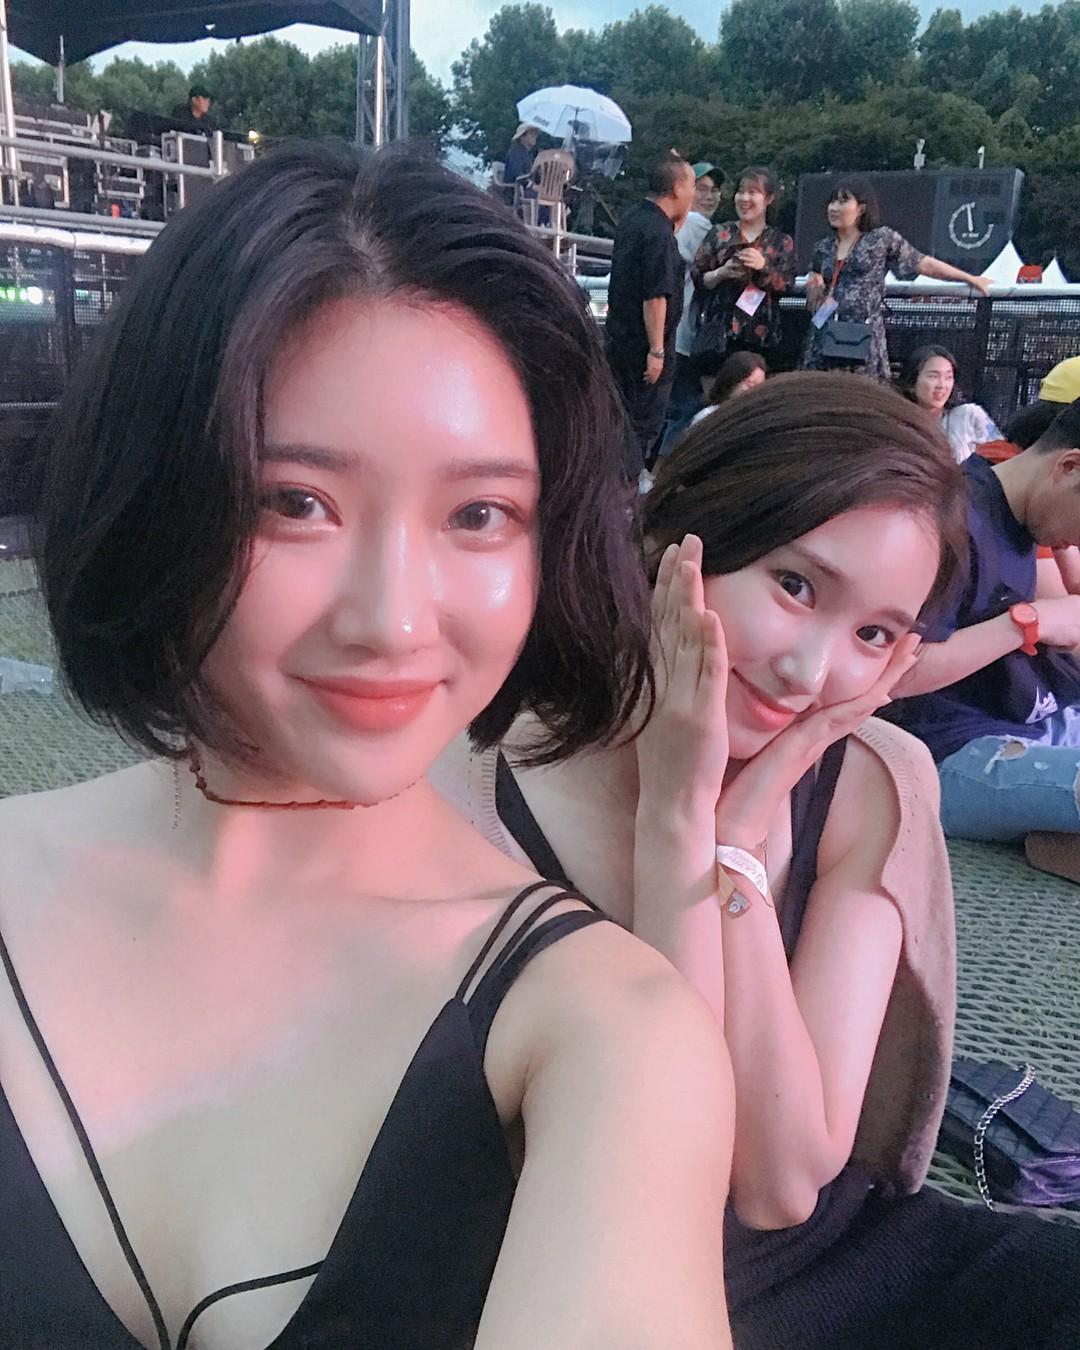 Ngắm dàn gái xinh khuấy đảo lễ hội âm nhạc điện tử tầm cỡ thế giới tại Hàn - Ảnh 2.